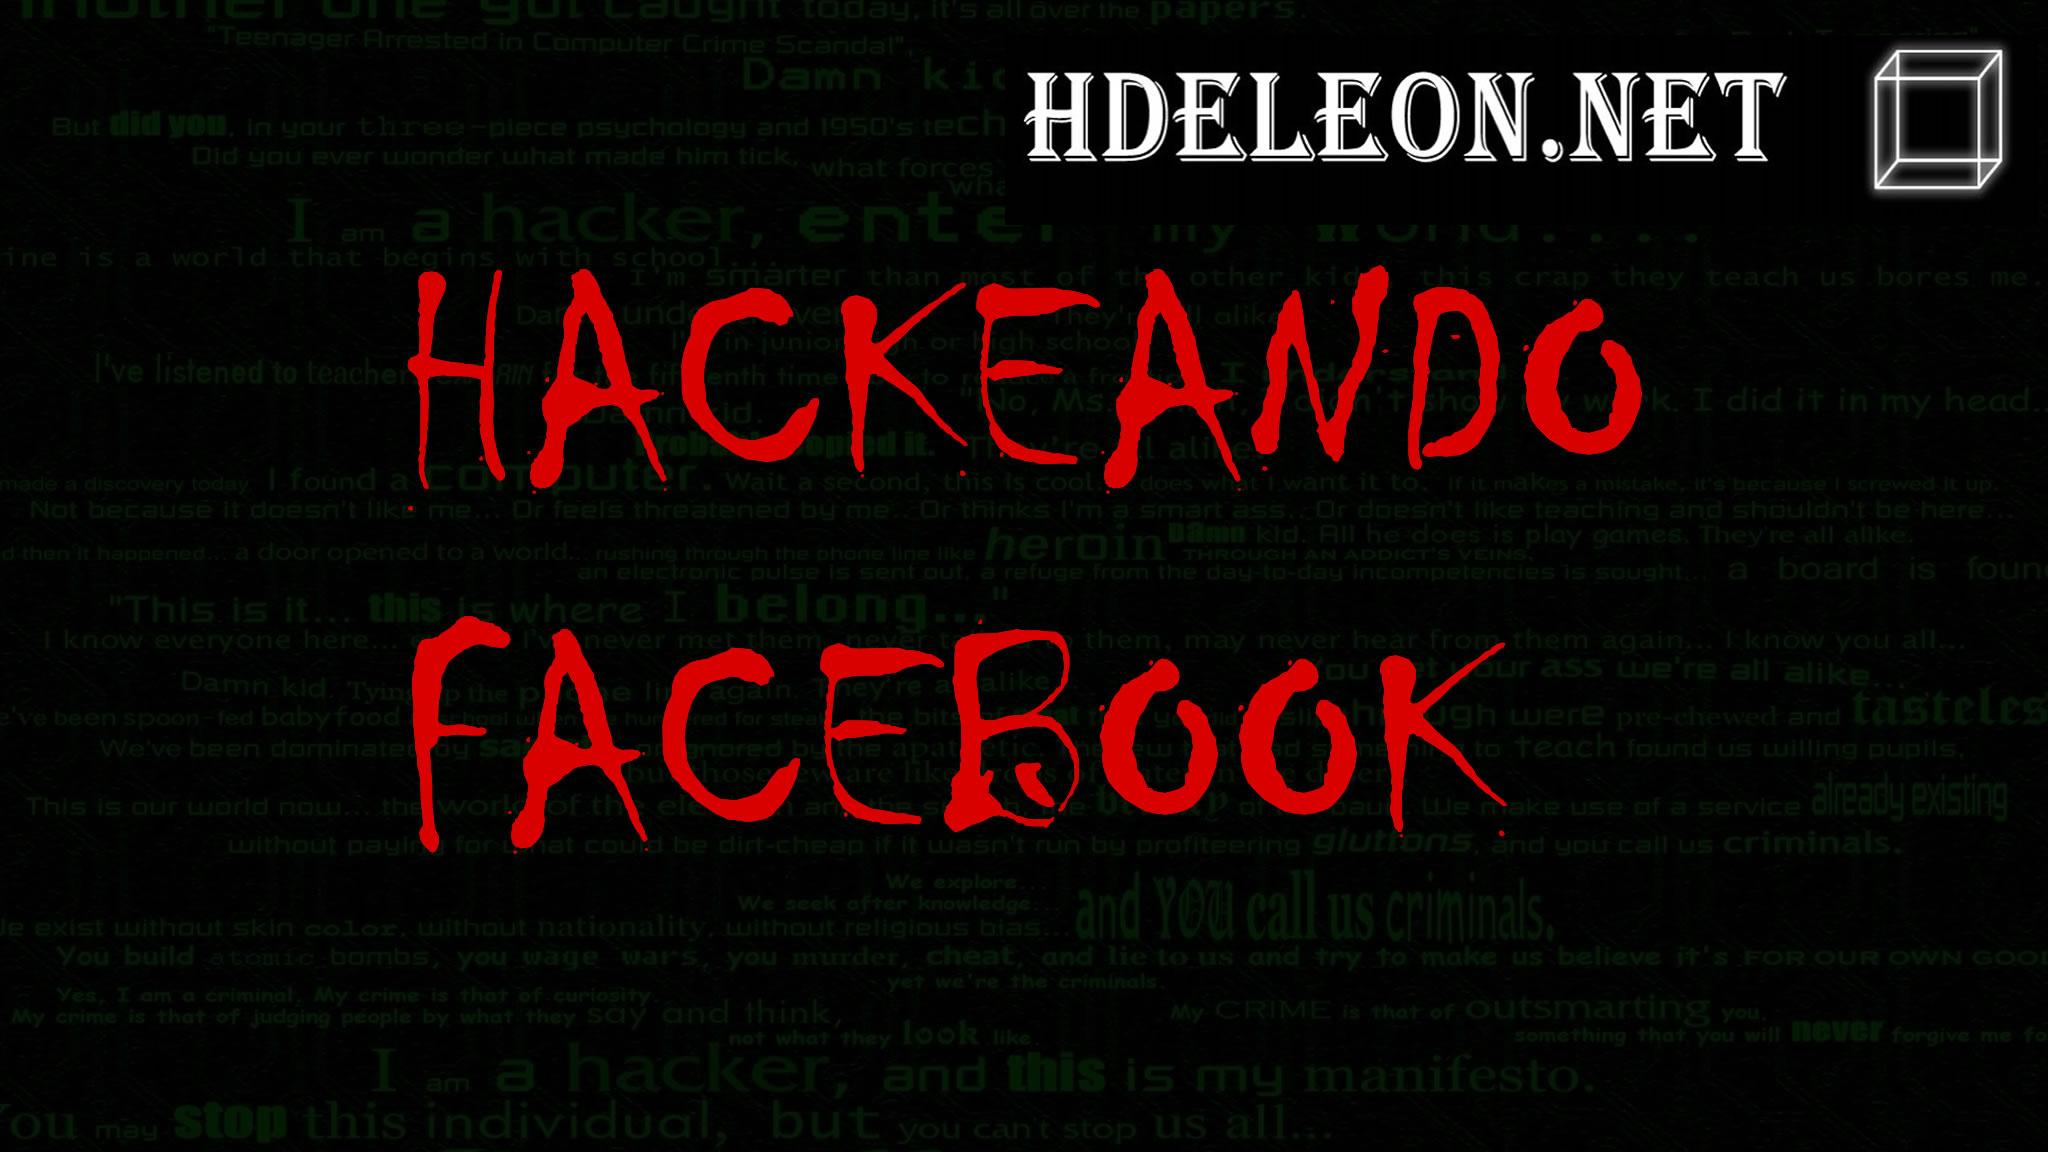 ¿Cómo hackear Facebook?, te mostrare que es posible gracias al hackeo masivo del 28 de septiembre.